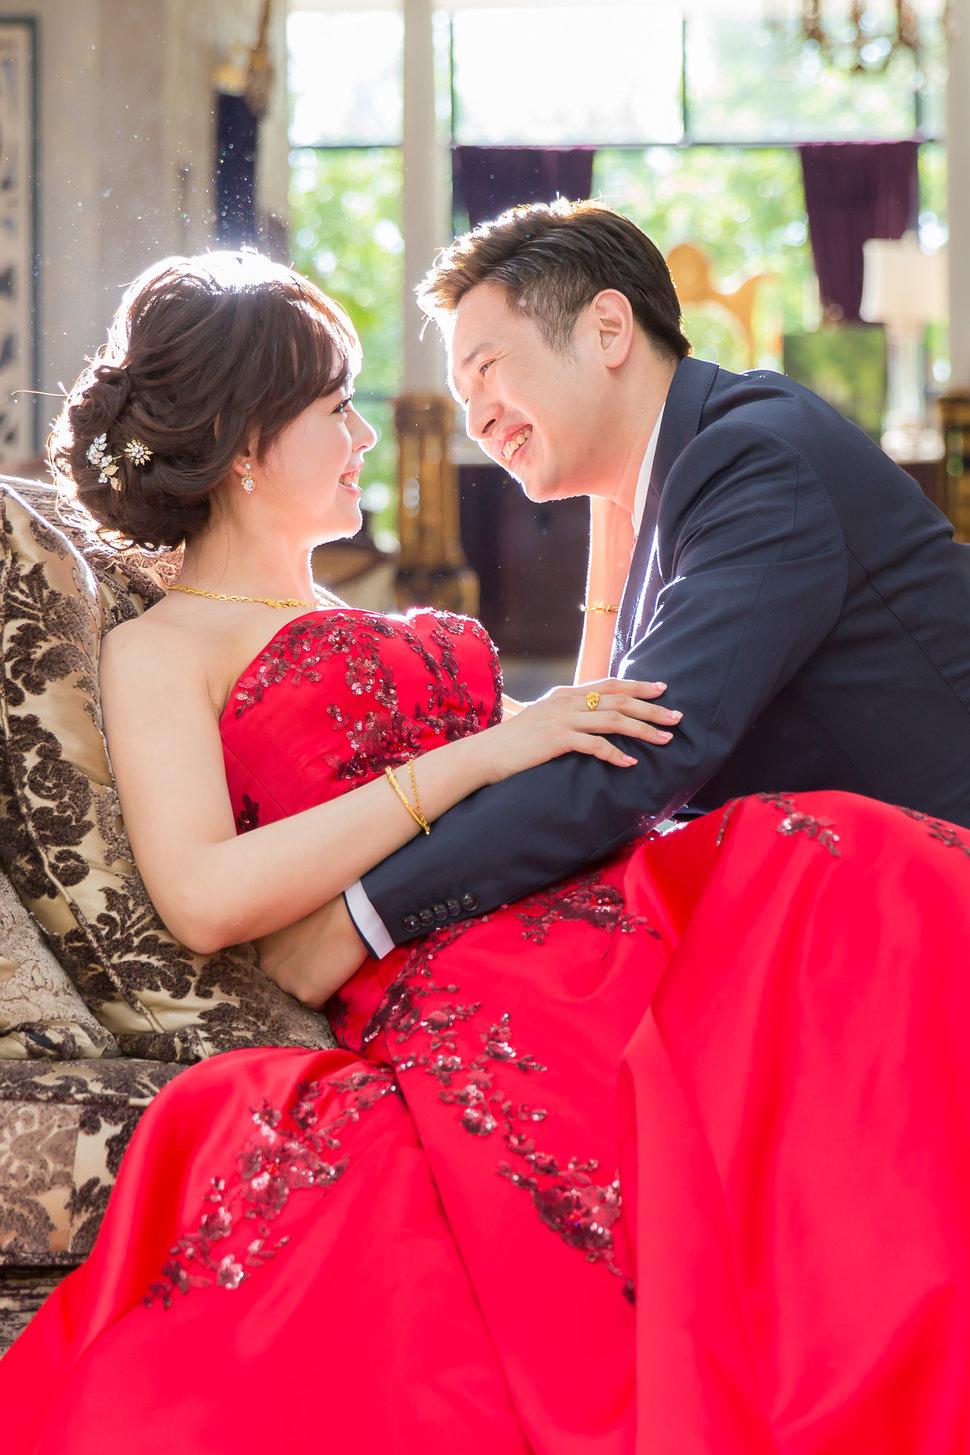 志平&宜柔_文定_南投寶旺萊6號花園酒店(編號:289220) - Baby Sweety Studio - 結婚吧一站式婚禮服務平台